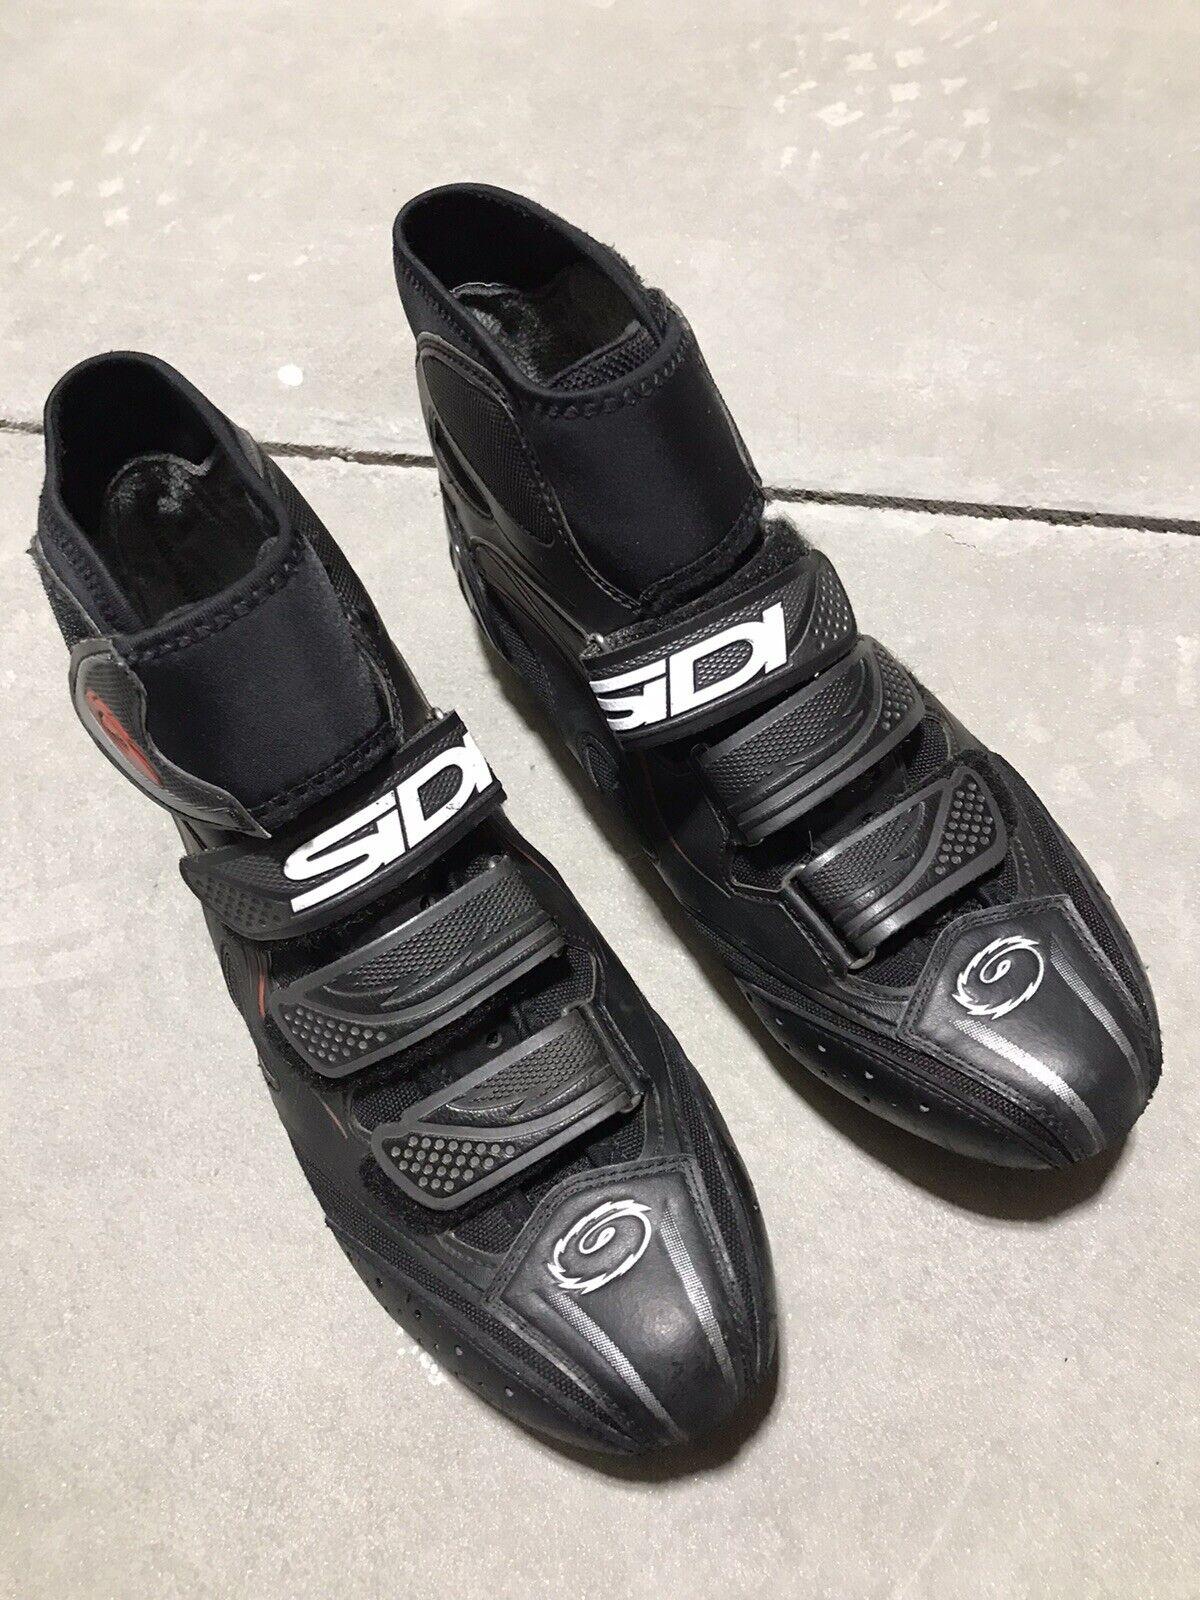 SIDI Diablo GTX Gore-Tex Mountain bike Cycling schuhe Größe EU 43 M10